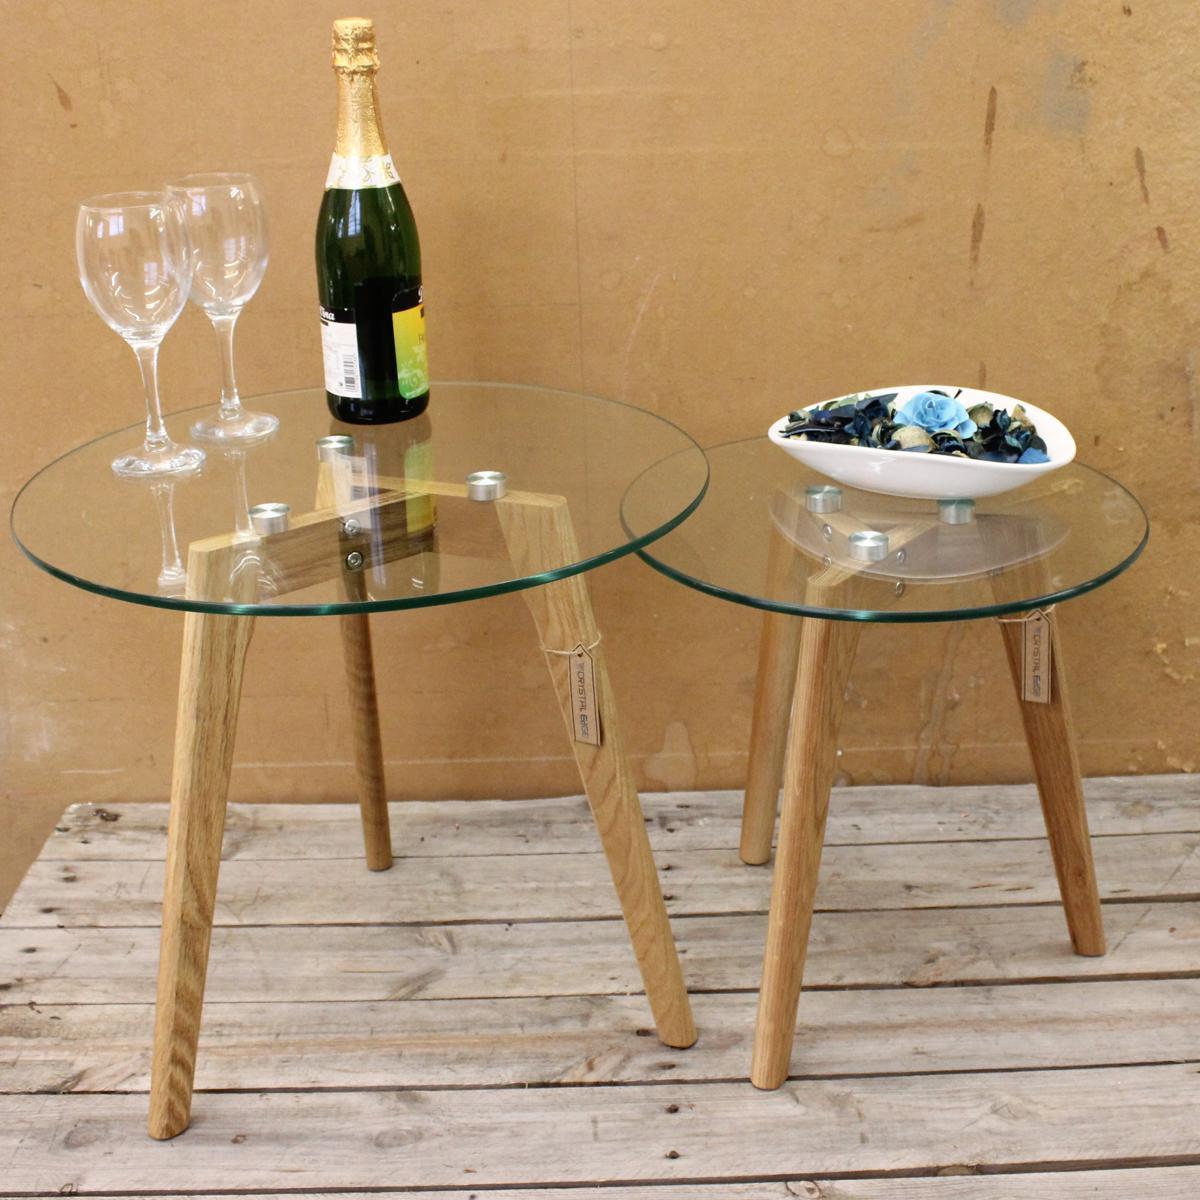 2er set beistelltische mit eiche beine rund einrichtung glas ebay. Black Bedroom Furniture Sets. Home Design Ideas